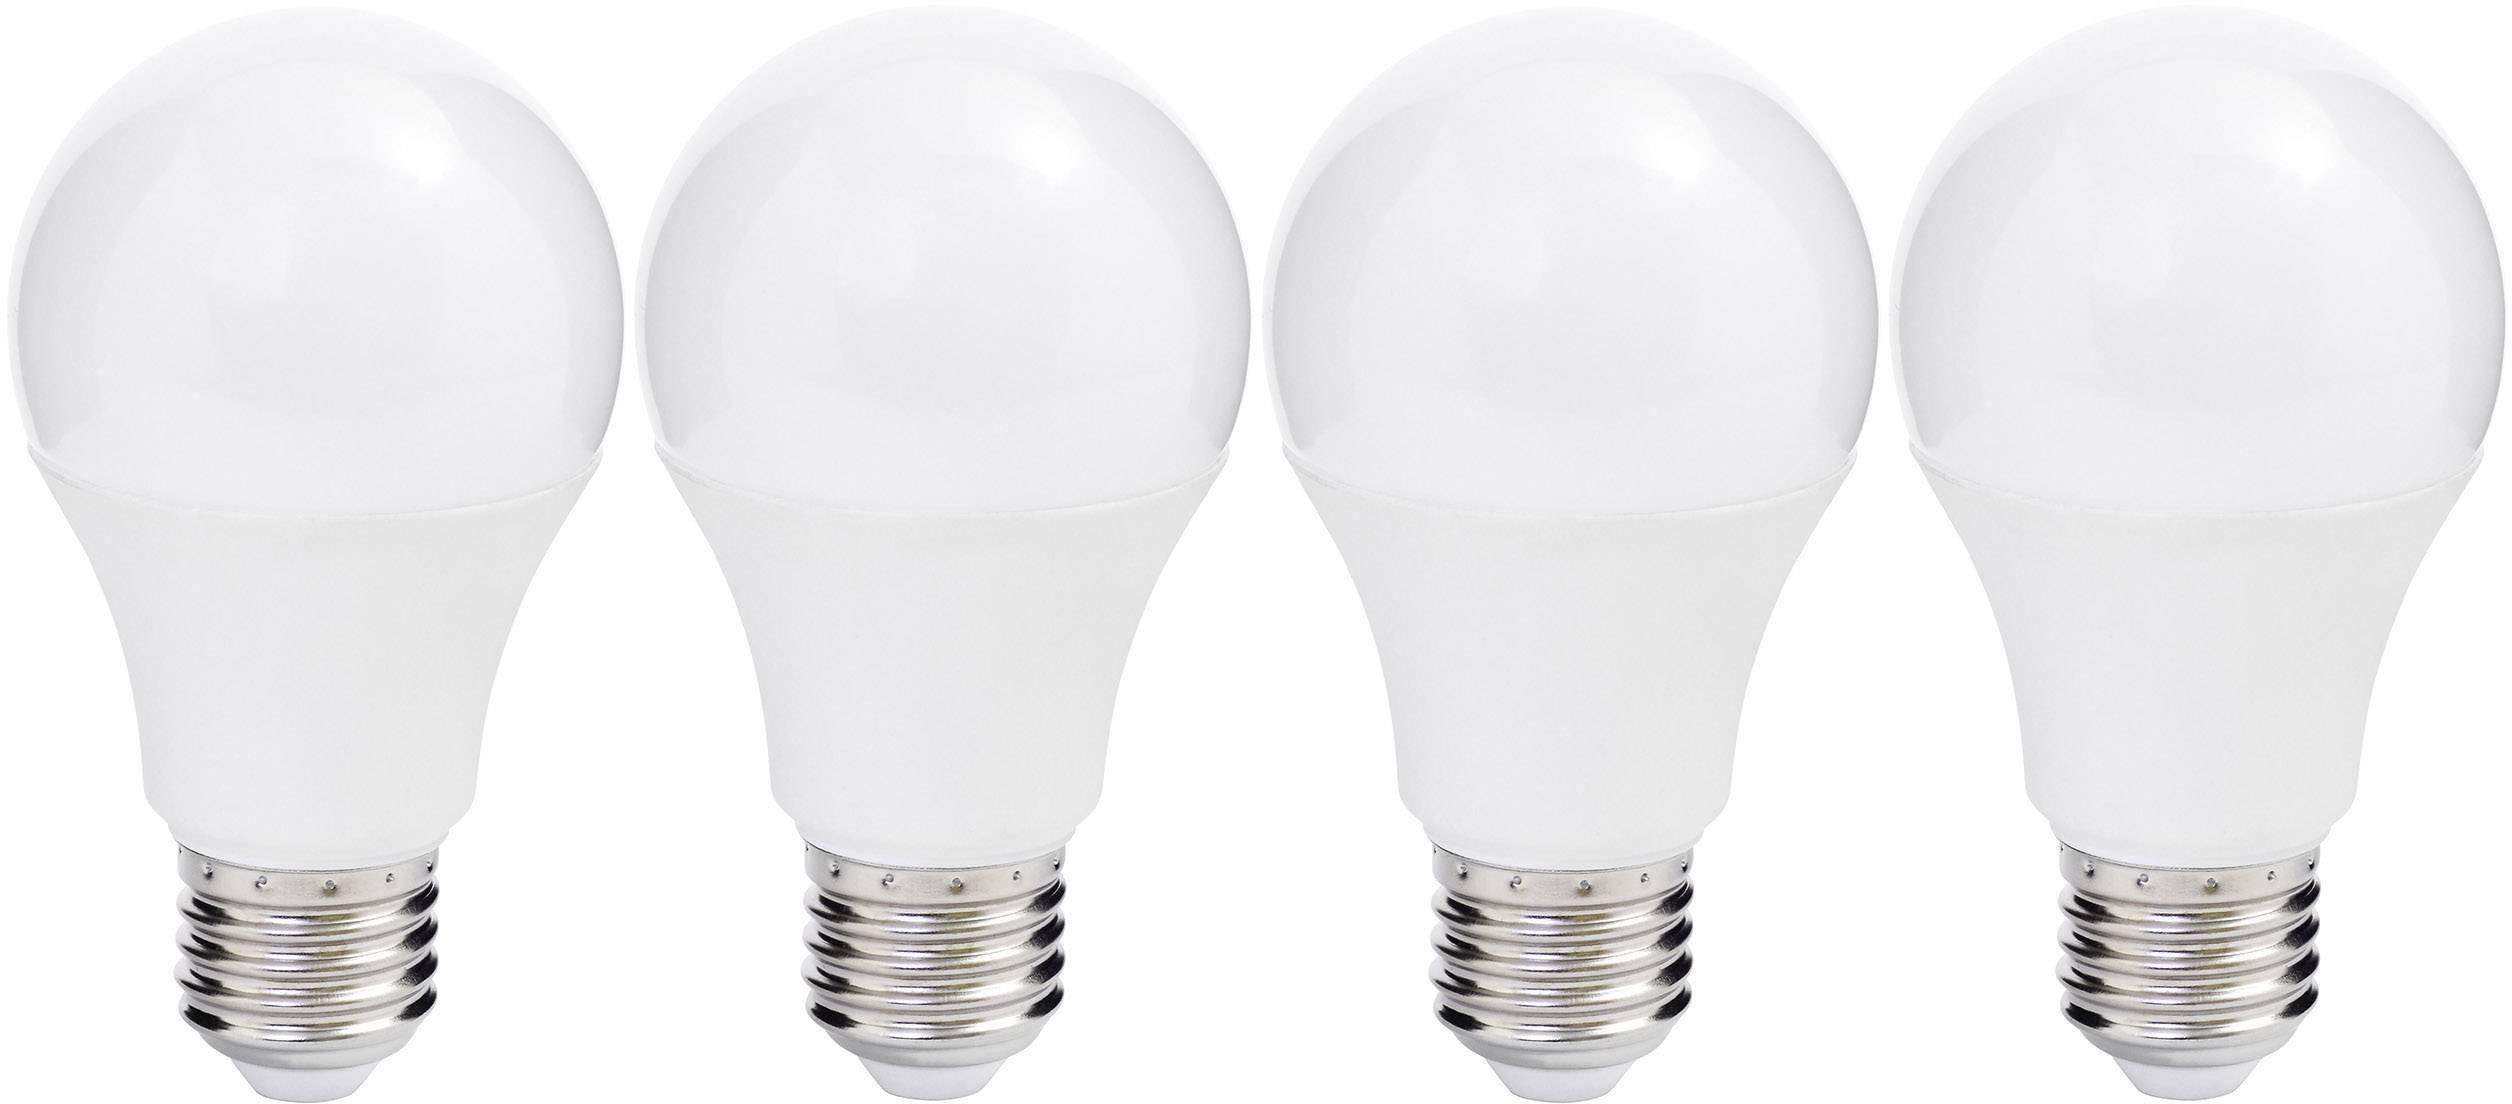 LED žiarovka Müller Licht 400255 230 V, 10 W = 60 W, teplá biela, A+, 4 ks